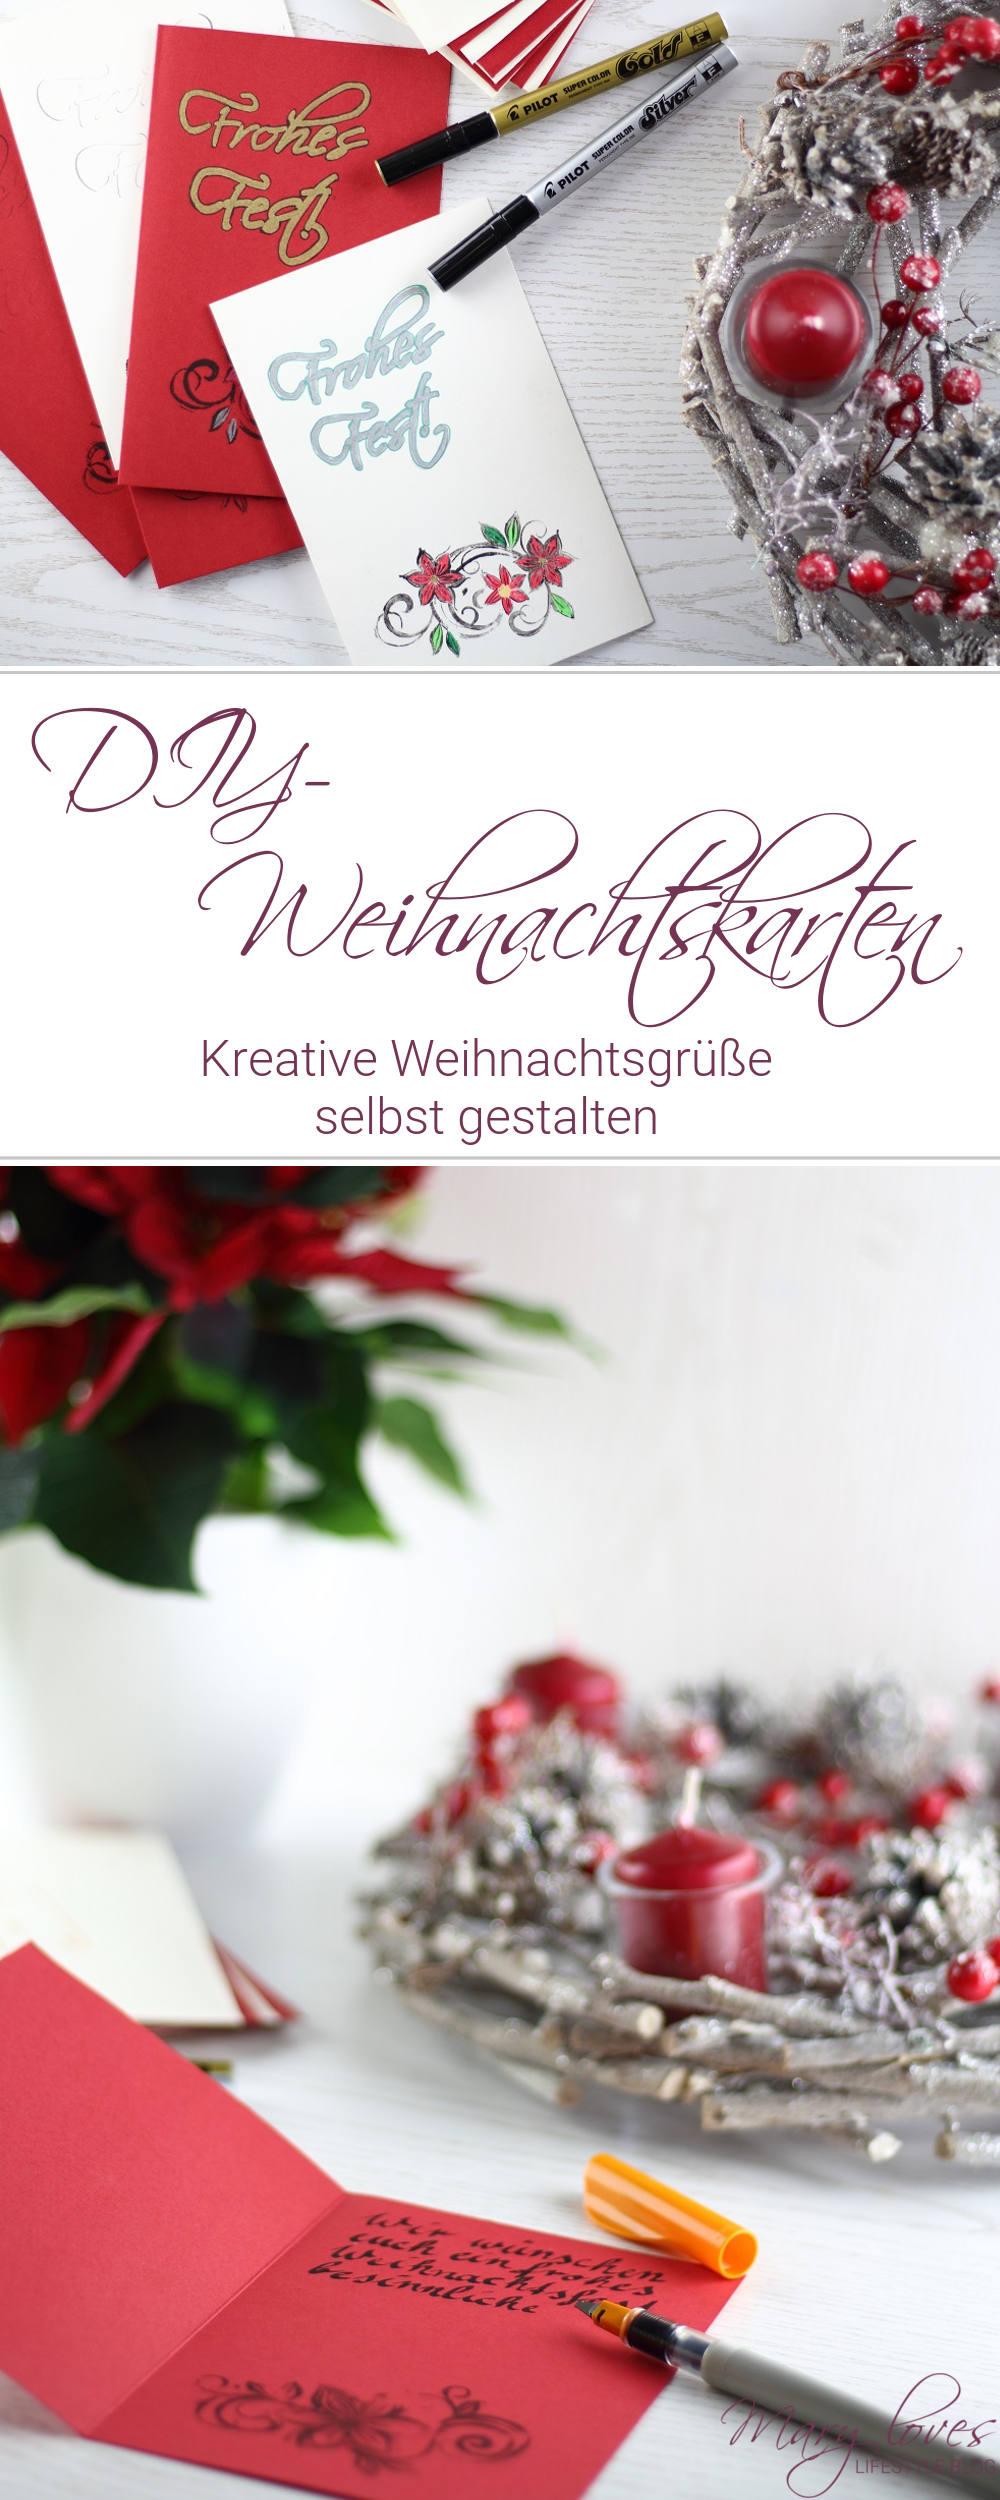 [Anzeige] DIY-Weihnachtskarten - Kreative Weihnachtsgrüße selbst gestalten mit dem Kreativ-Sortiment von Pilot - #diyweihnachtskarten #weihnachtskartengestalten #weihnachtsgrüße #weihnachten #pilotpen